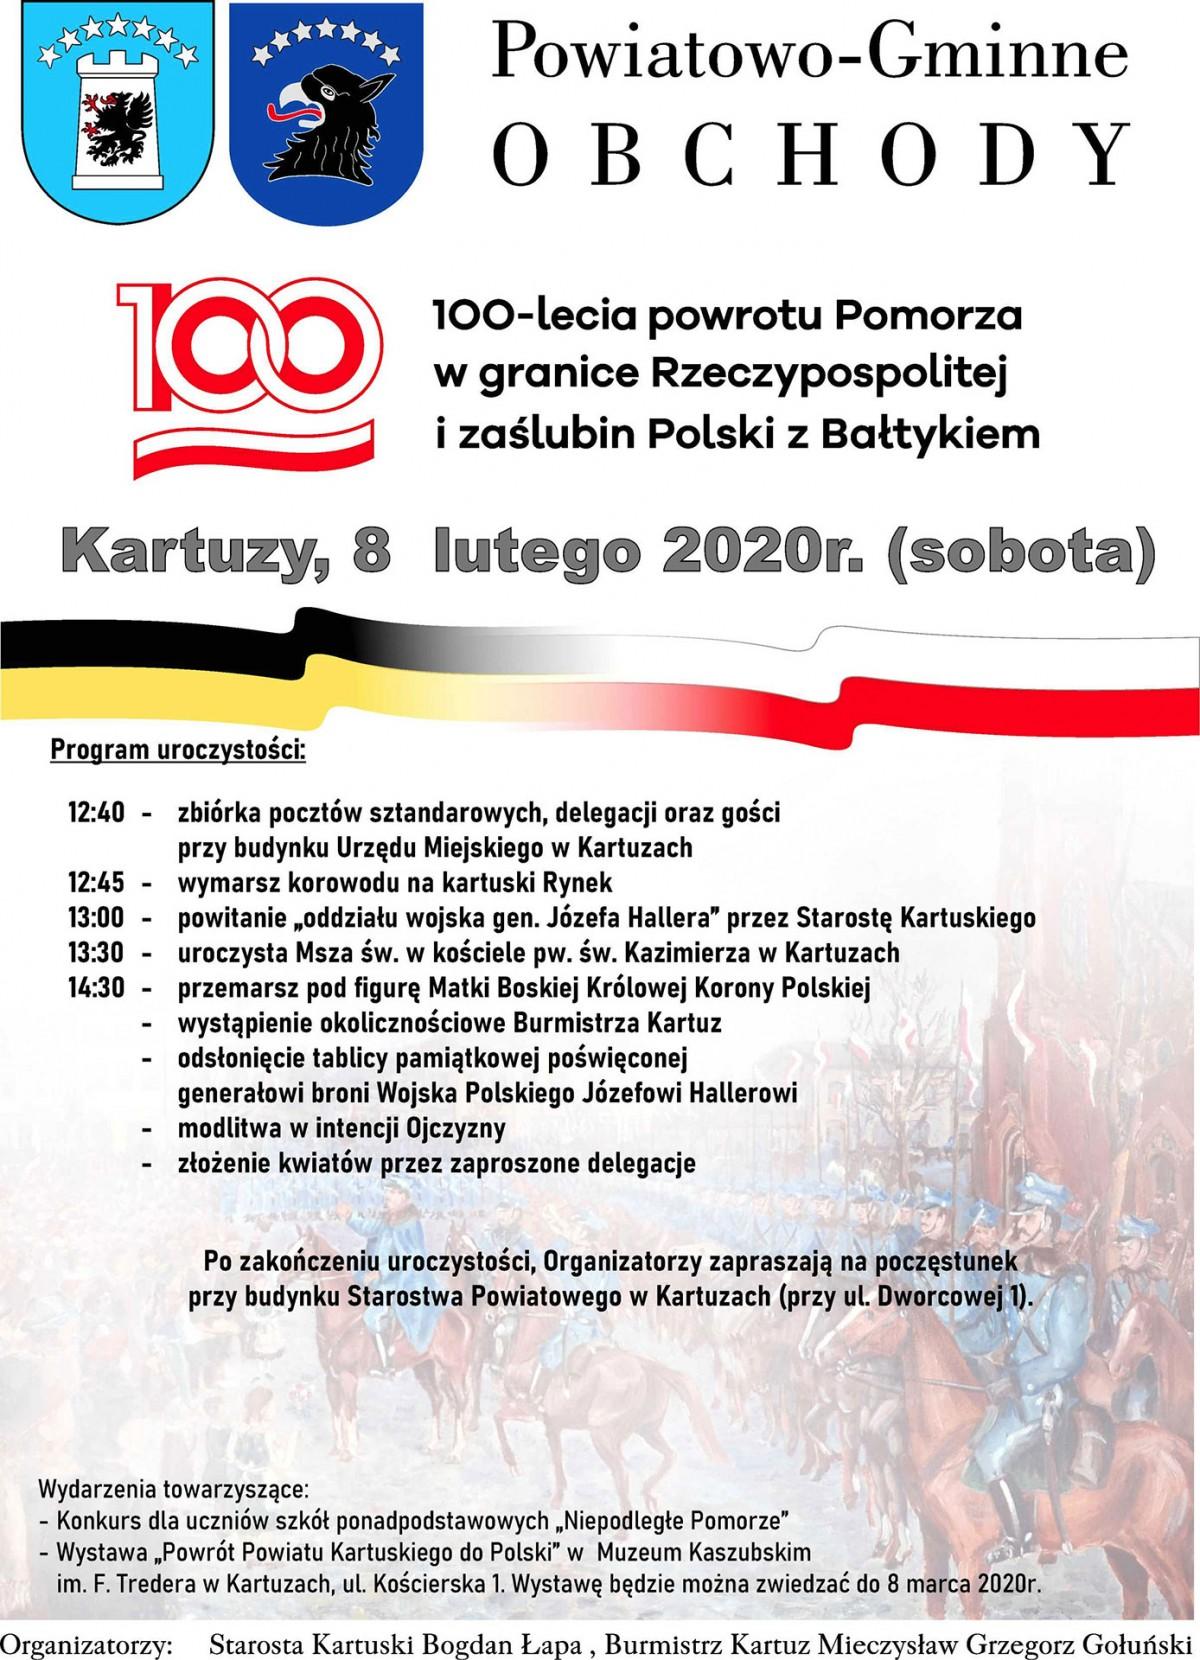 Powiatowo- Gminne Obchody 100 lecia powrotu Pomorza do Rzeczypospolitej